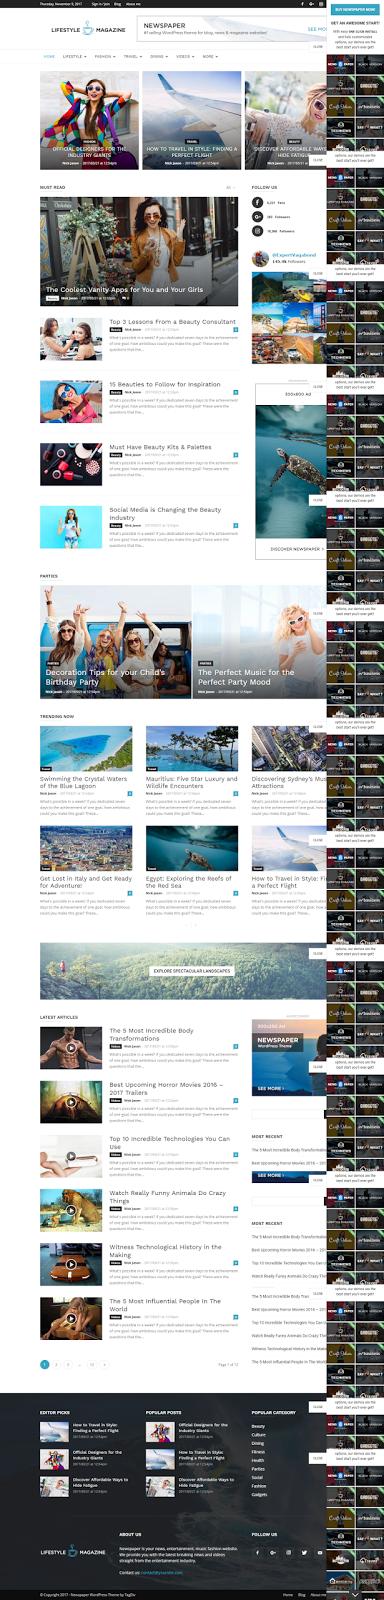 Magazine/News WordPress